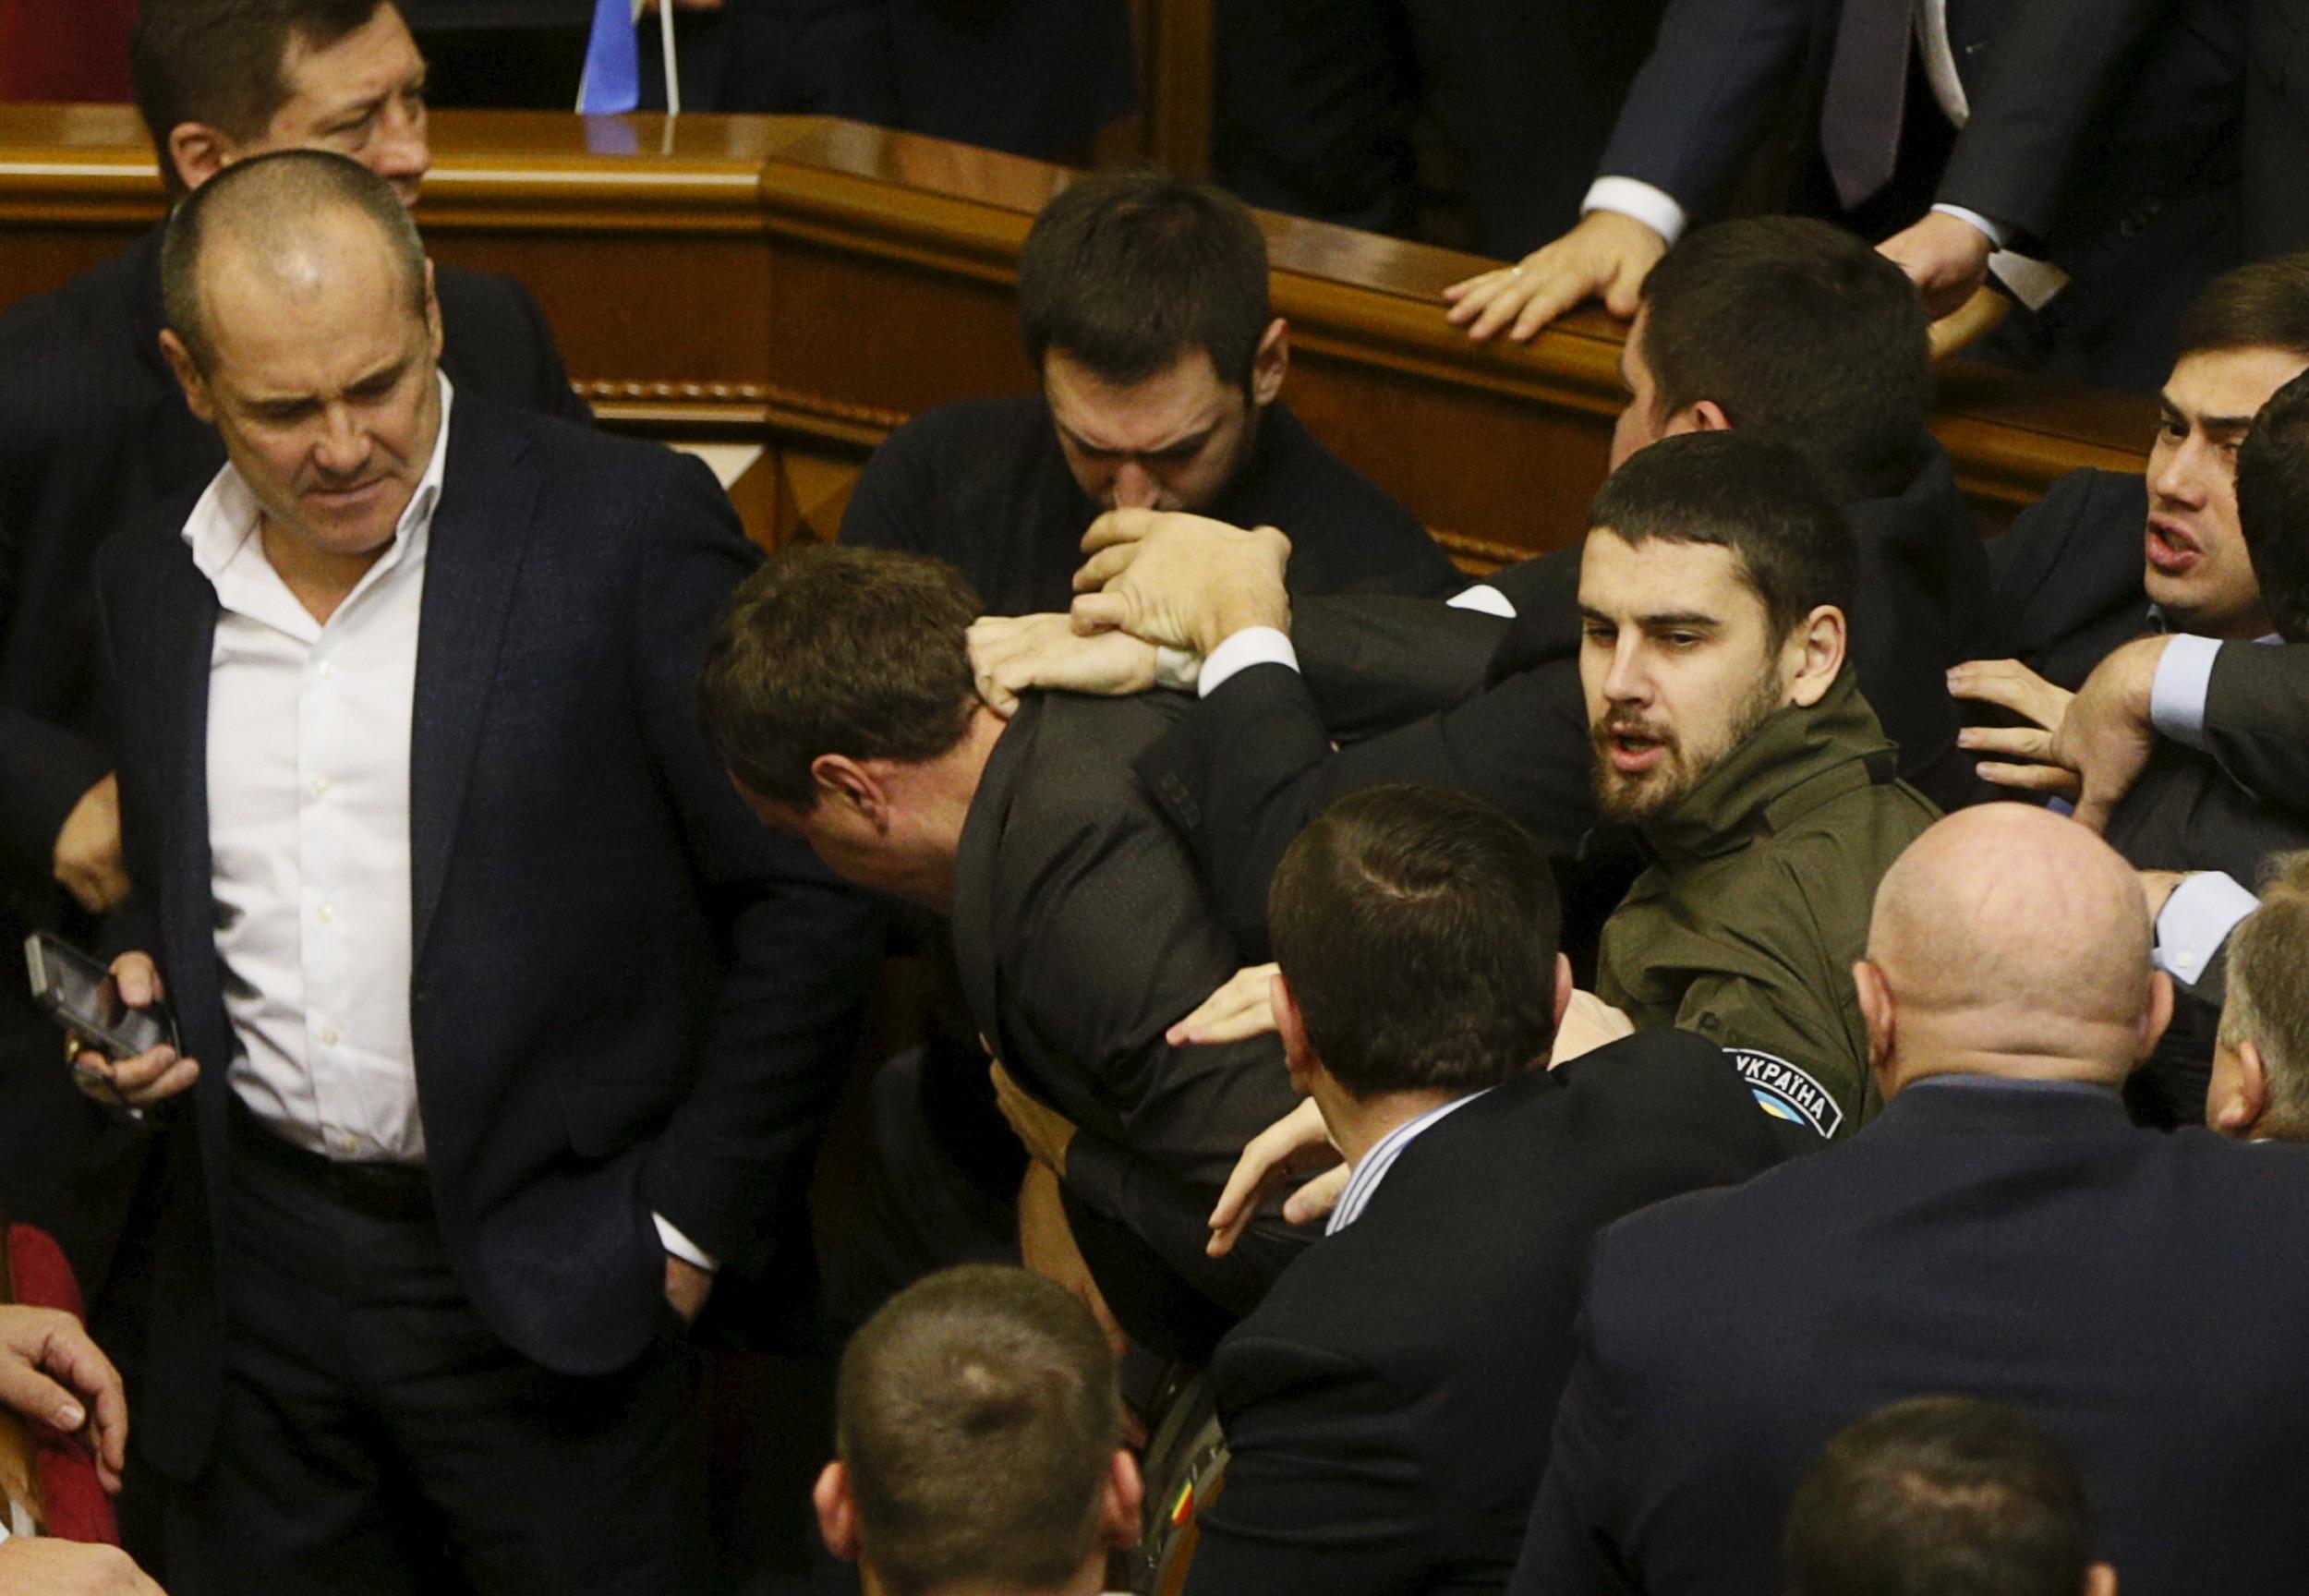 Верховная Рада Украины поставила под удар целостность страны